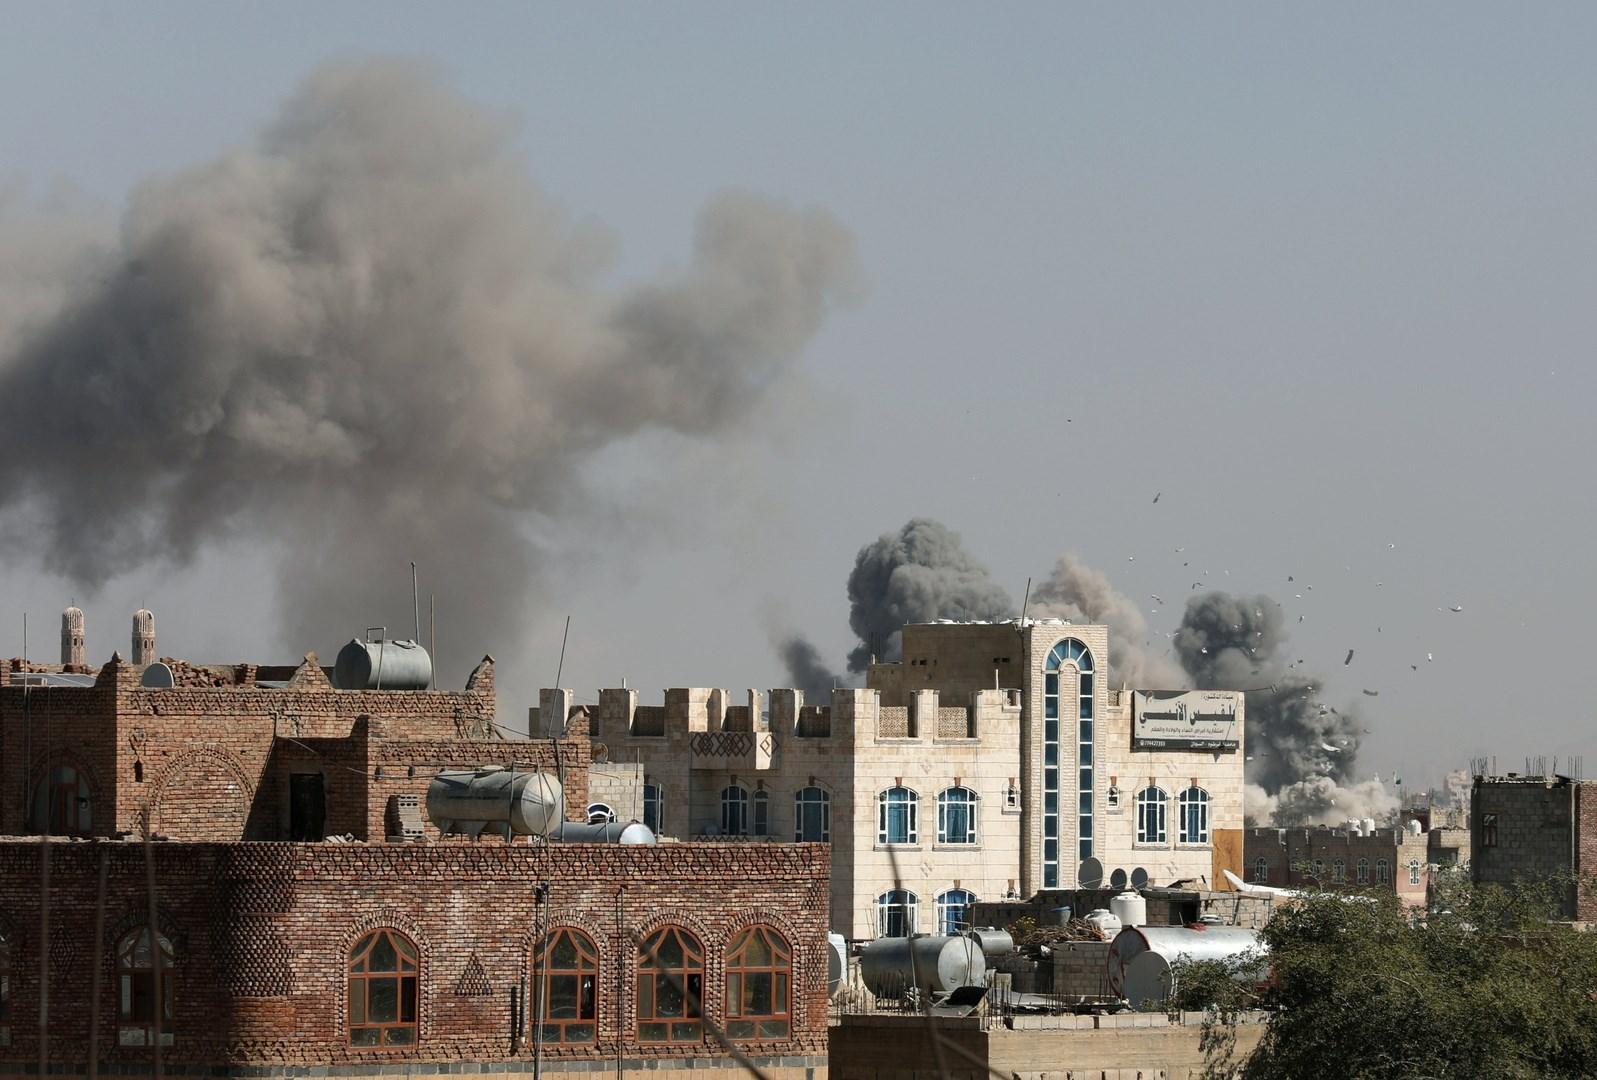 السعودية تعلن دعمها التوصل إلى حل سياسي شامل للأزمة اليمنية